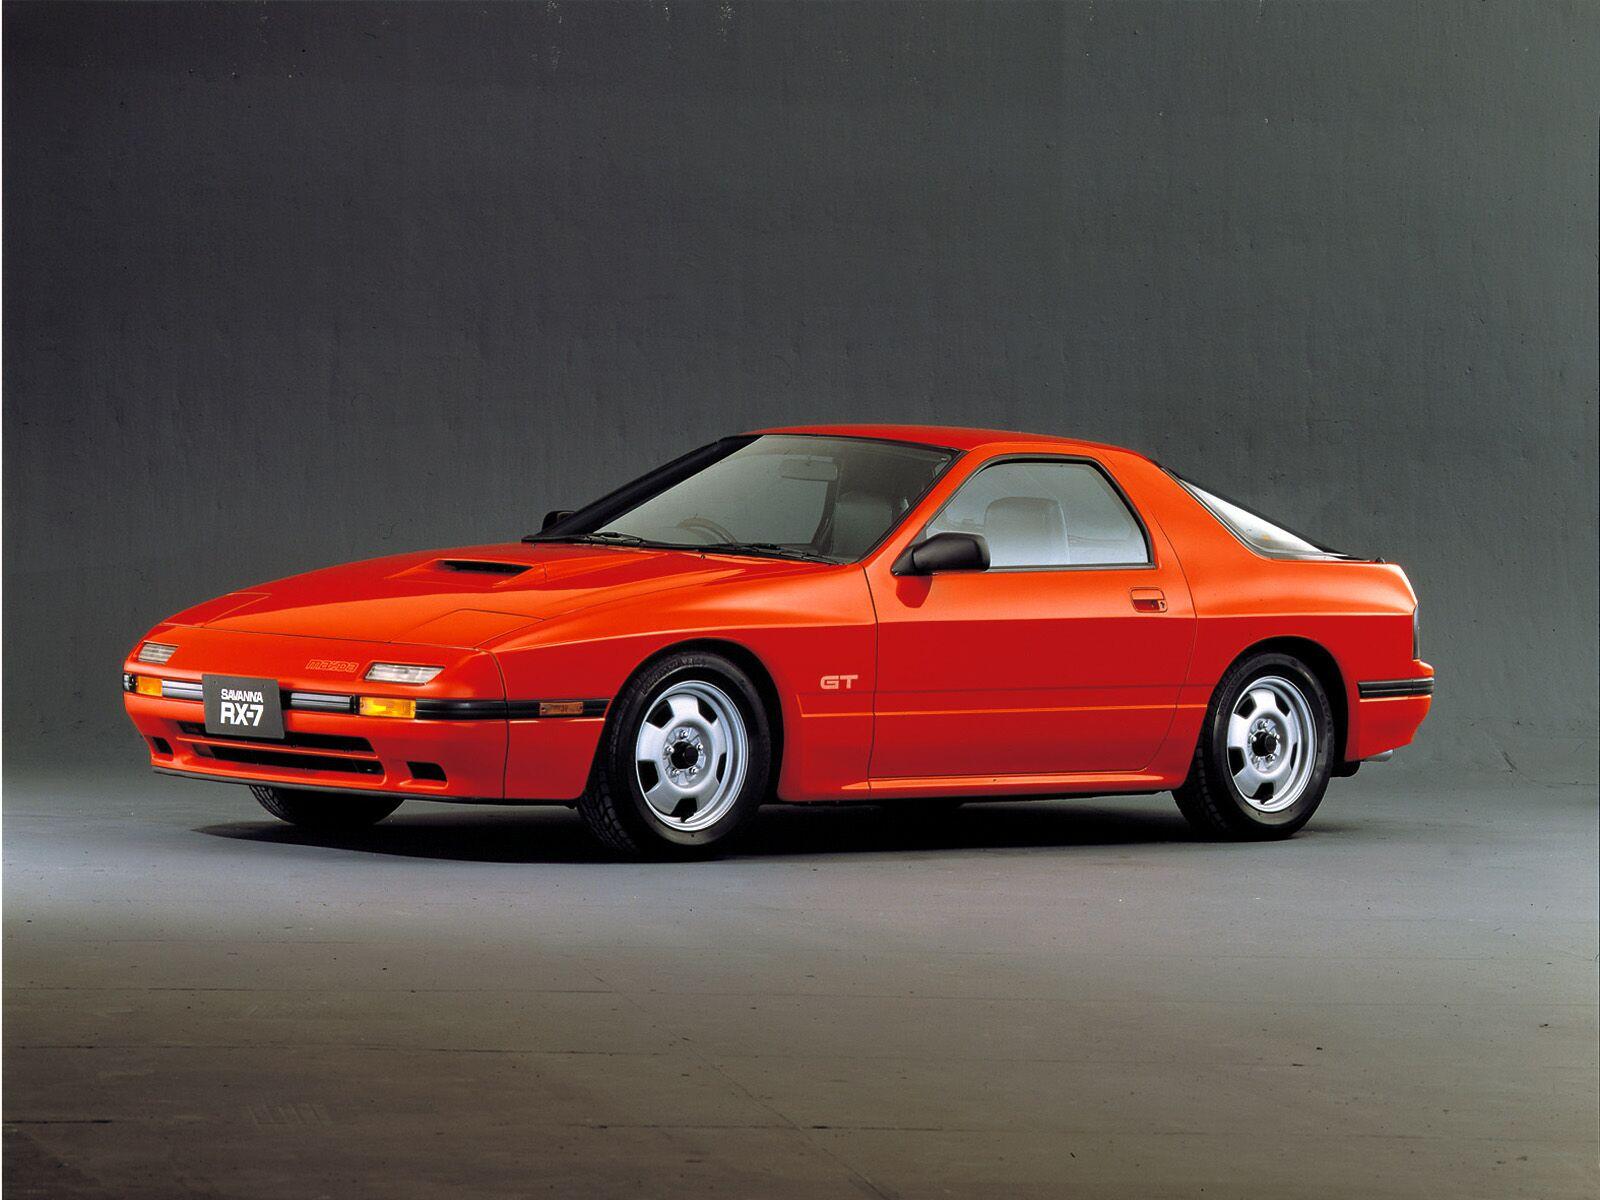 http://1.bp.blogspot.com/-lTHVCQrab2k/TlPcFC3qBTI/AAAAAAAABQc/eDVFewRaPxU/s1600/Mazda-RX7FC-002.jpg